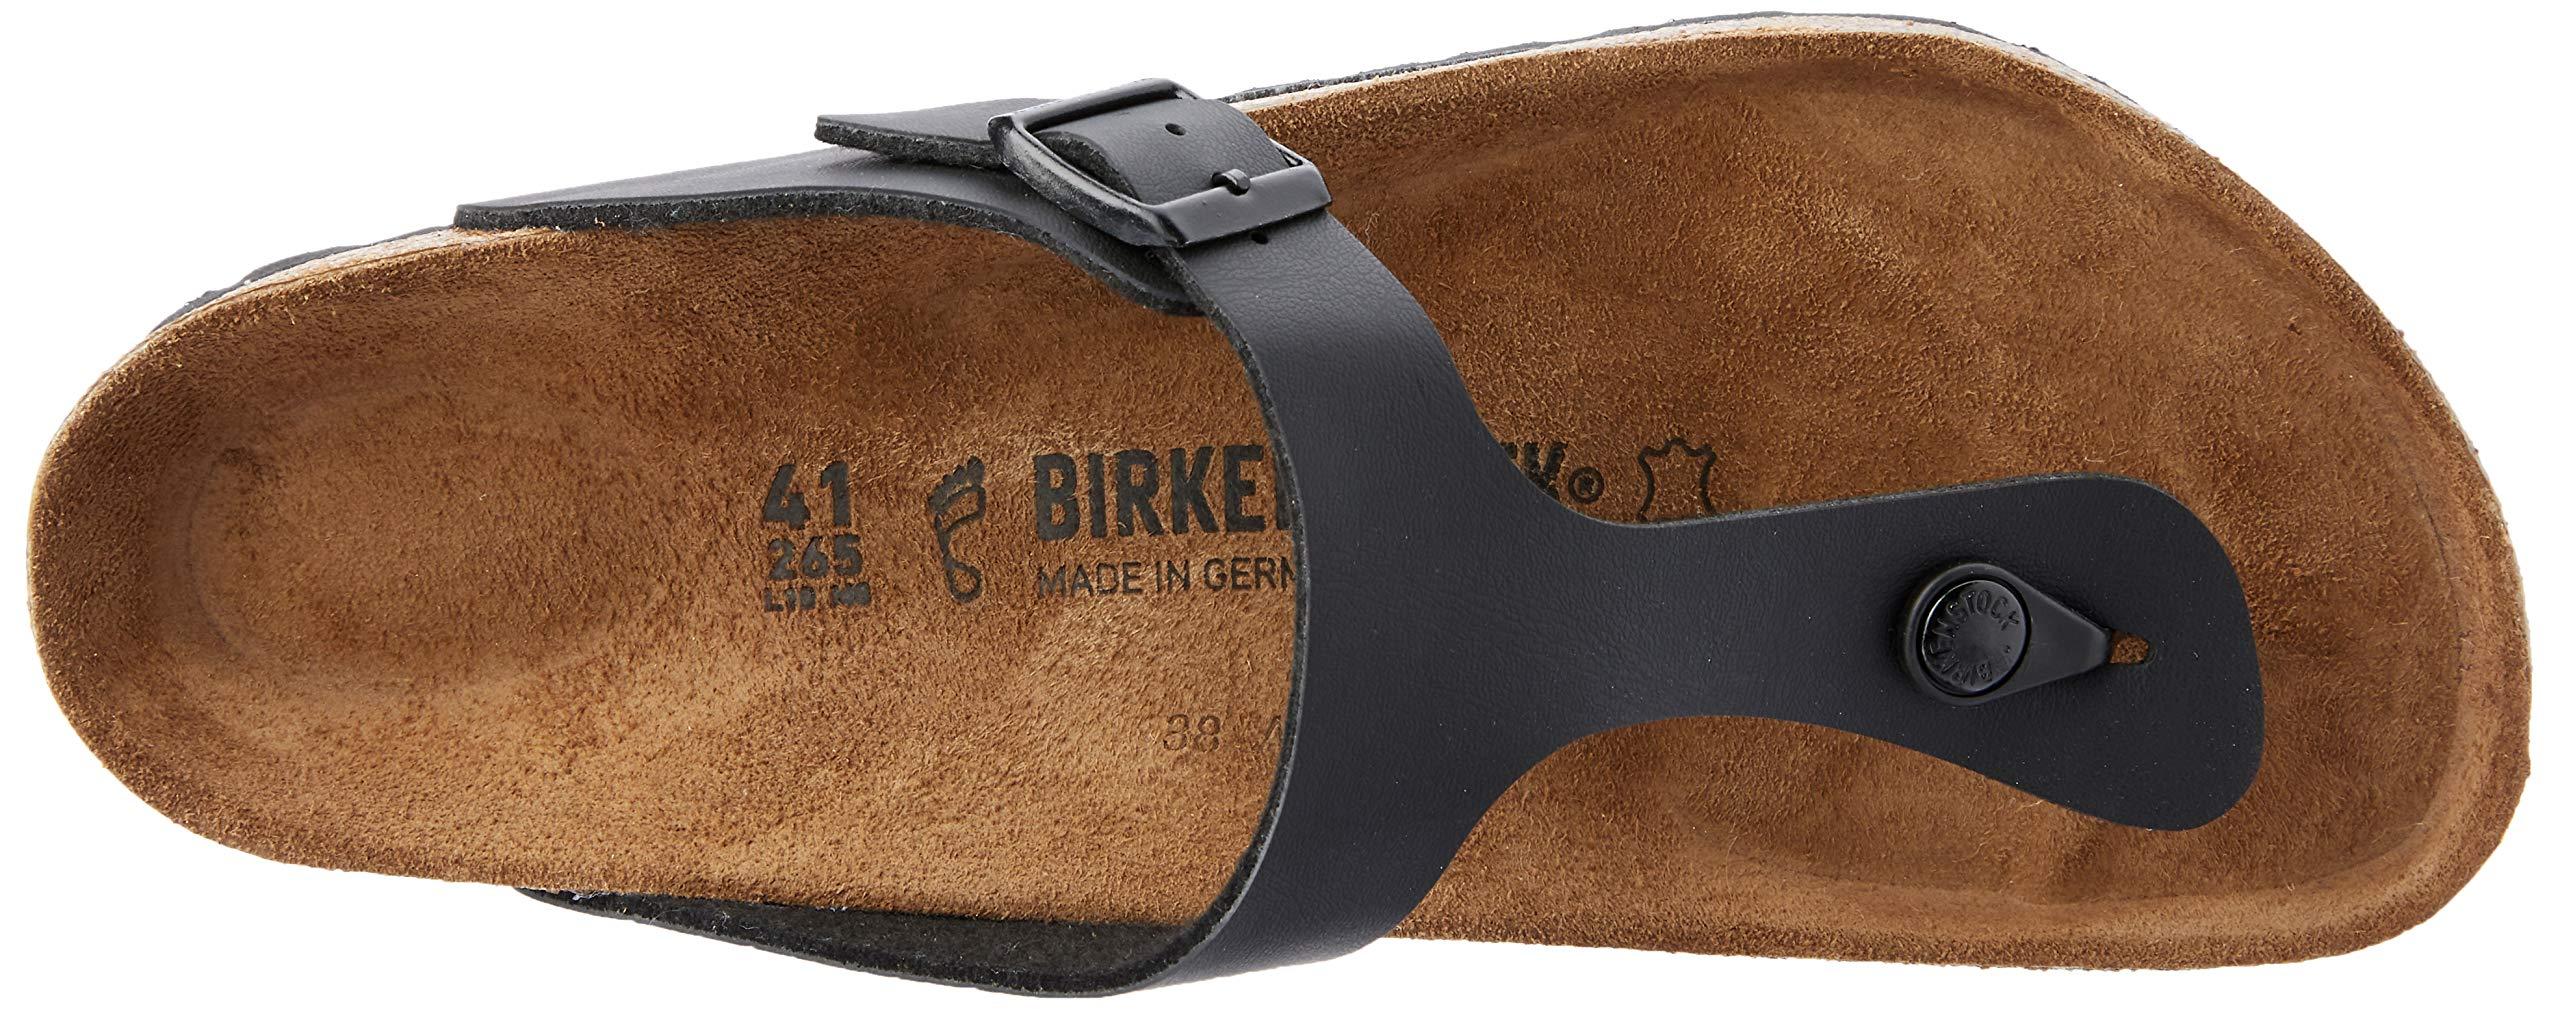 Birkenstock-Women-039-s-Gizeh-Thong-Sandals thumbnail 7